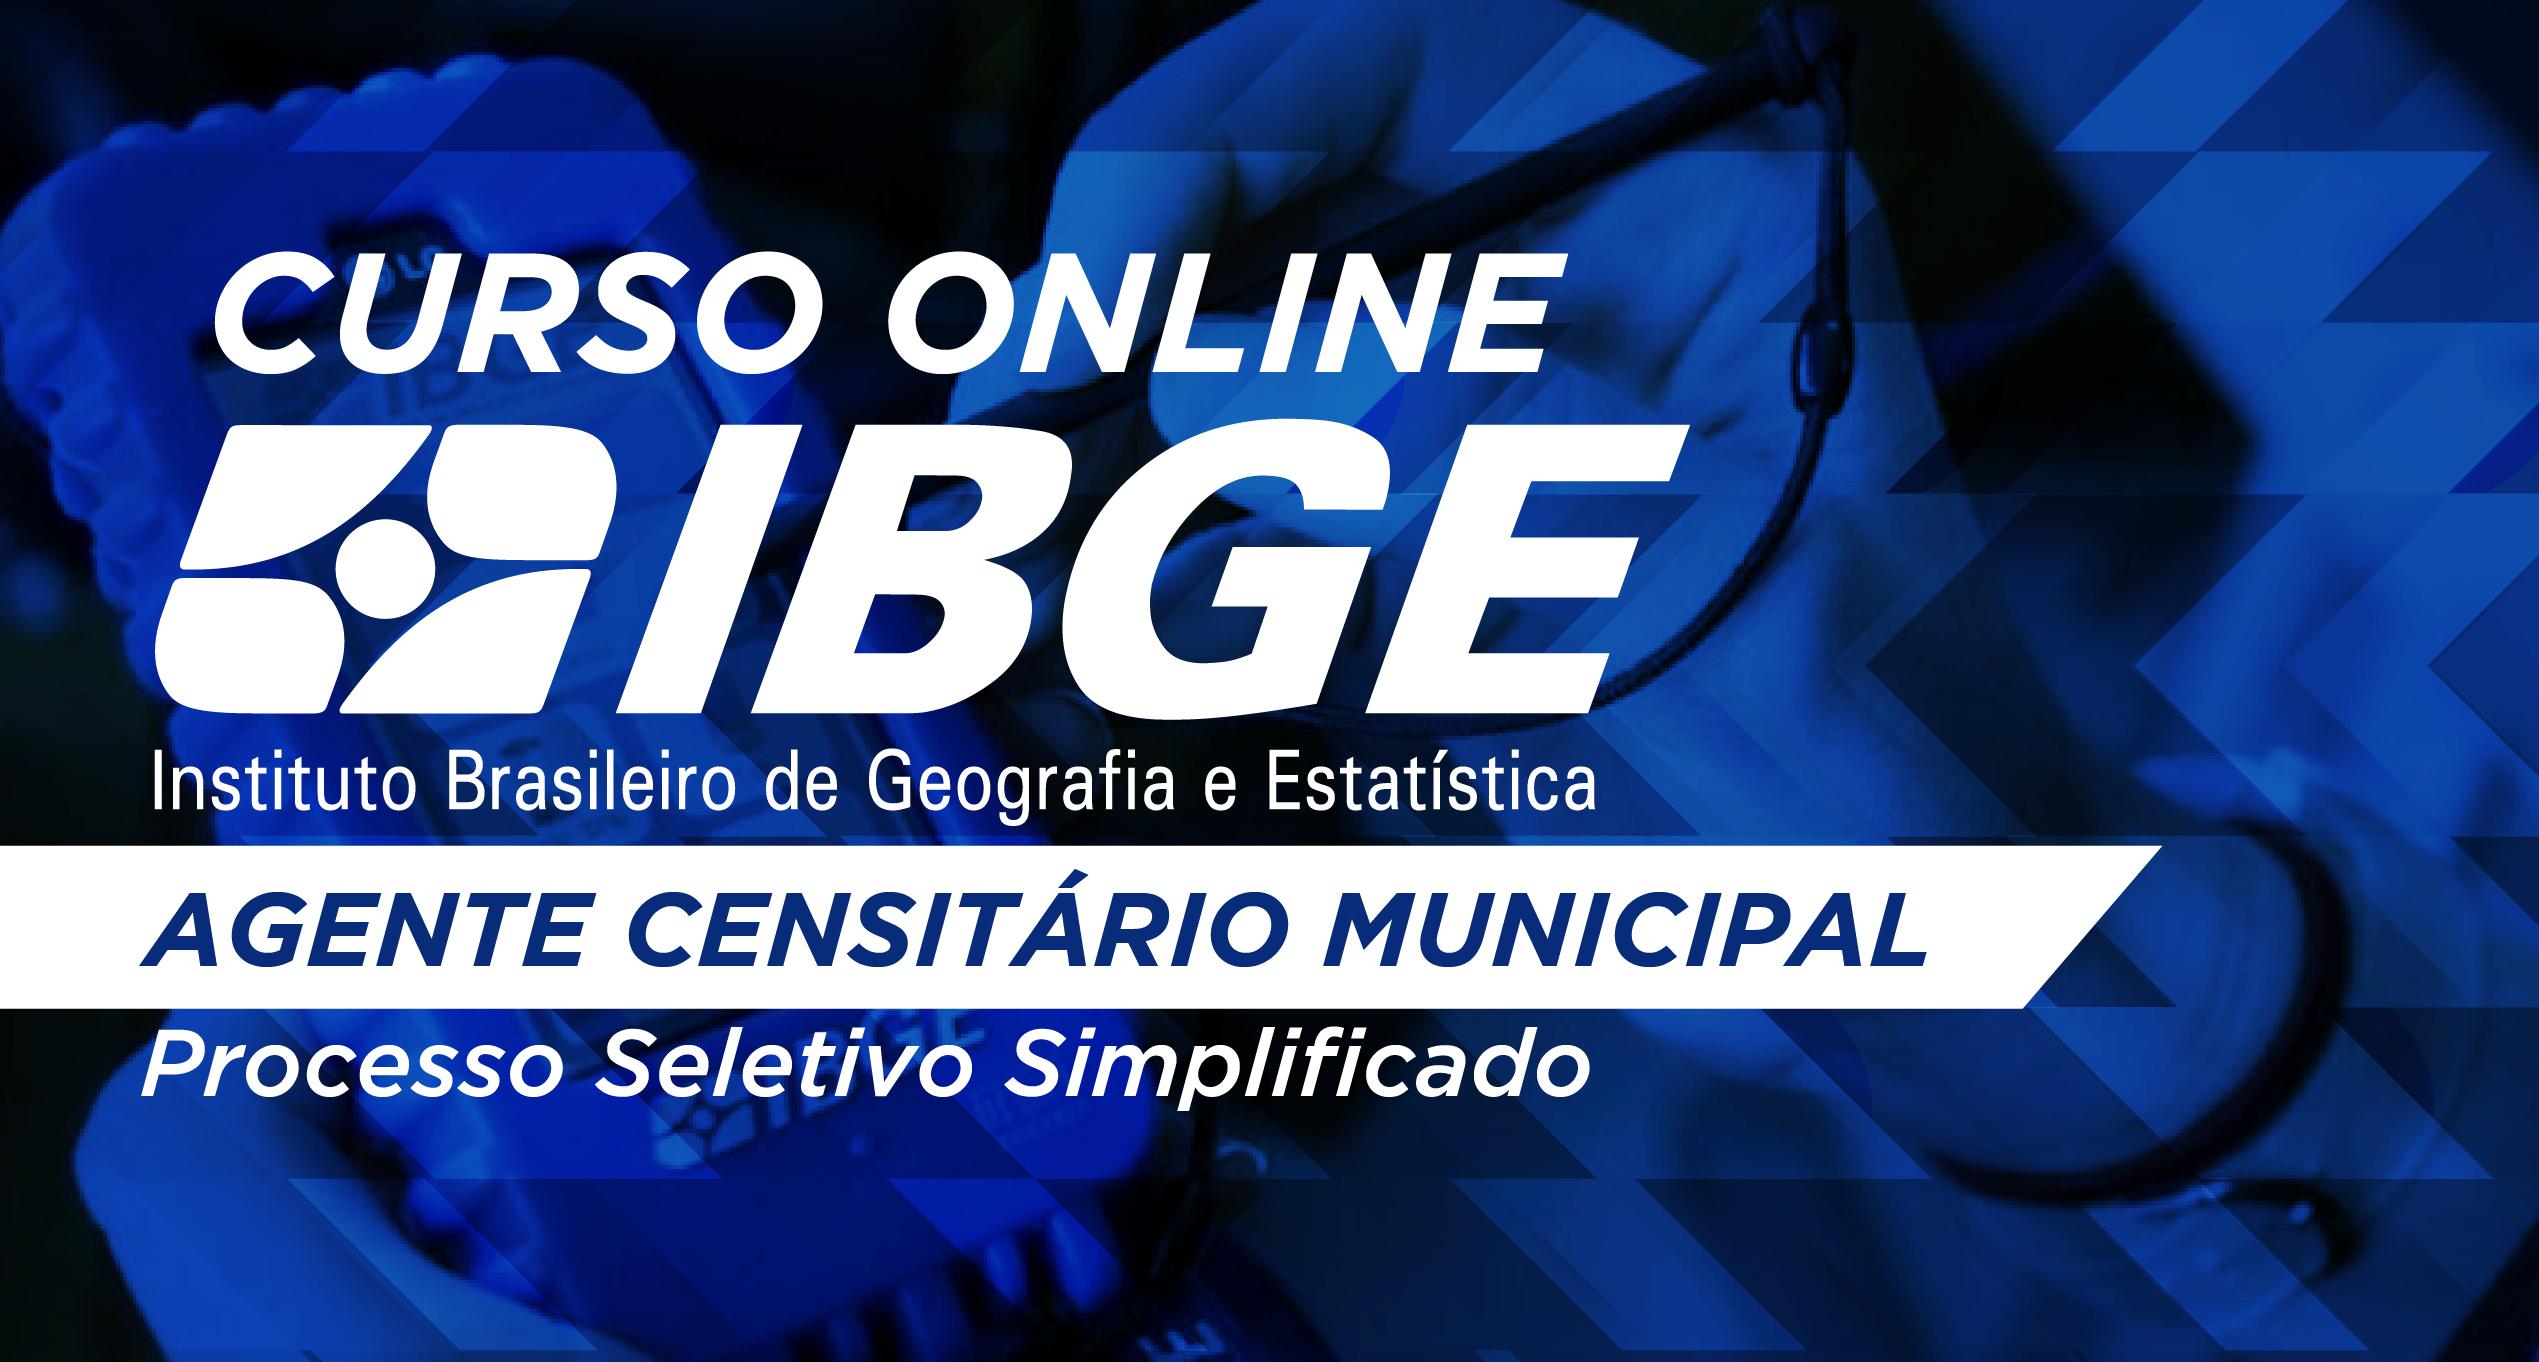 IBGE - Agente Censitário Municipal